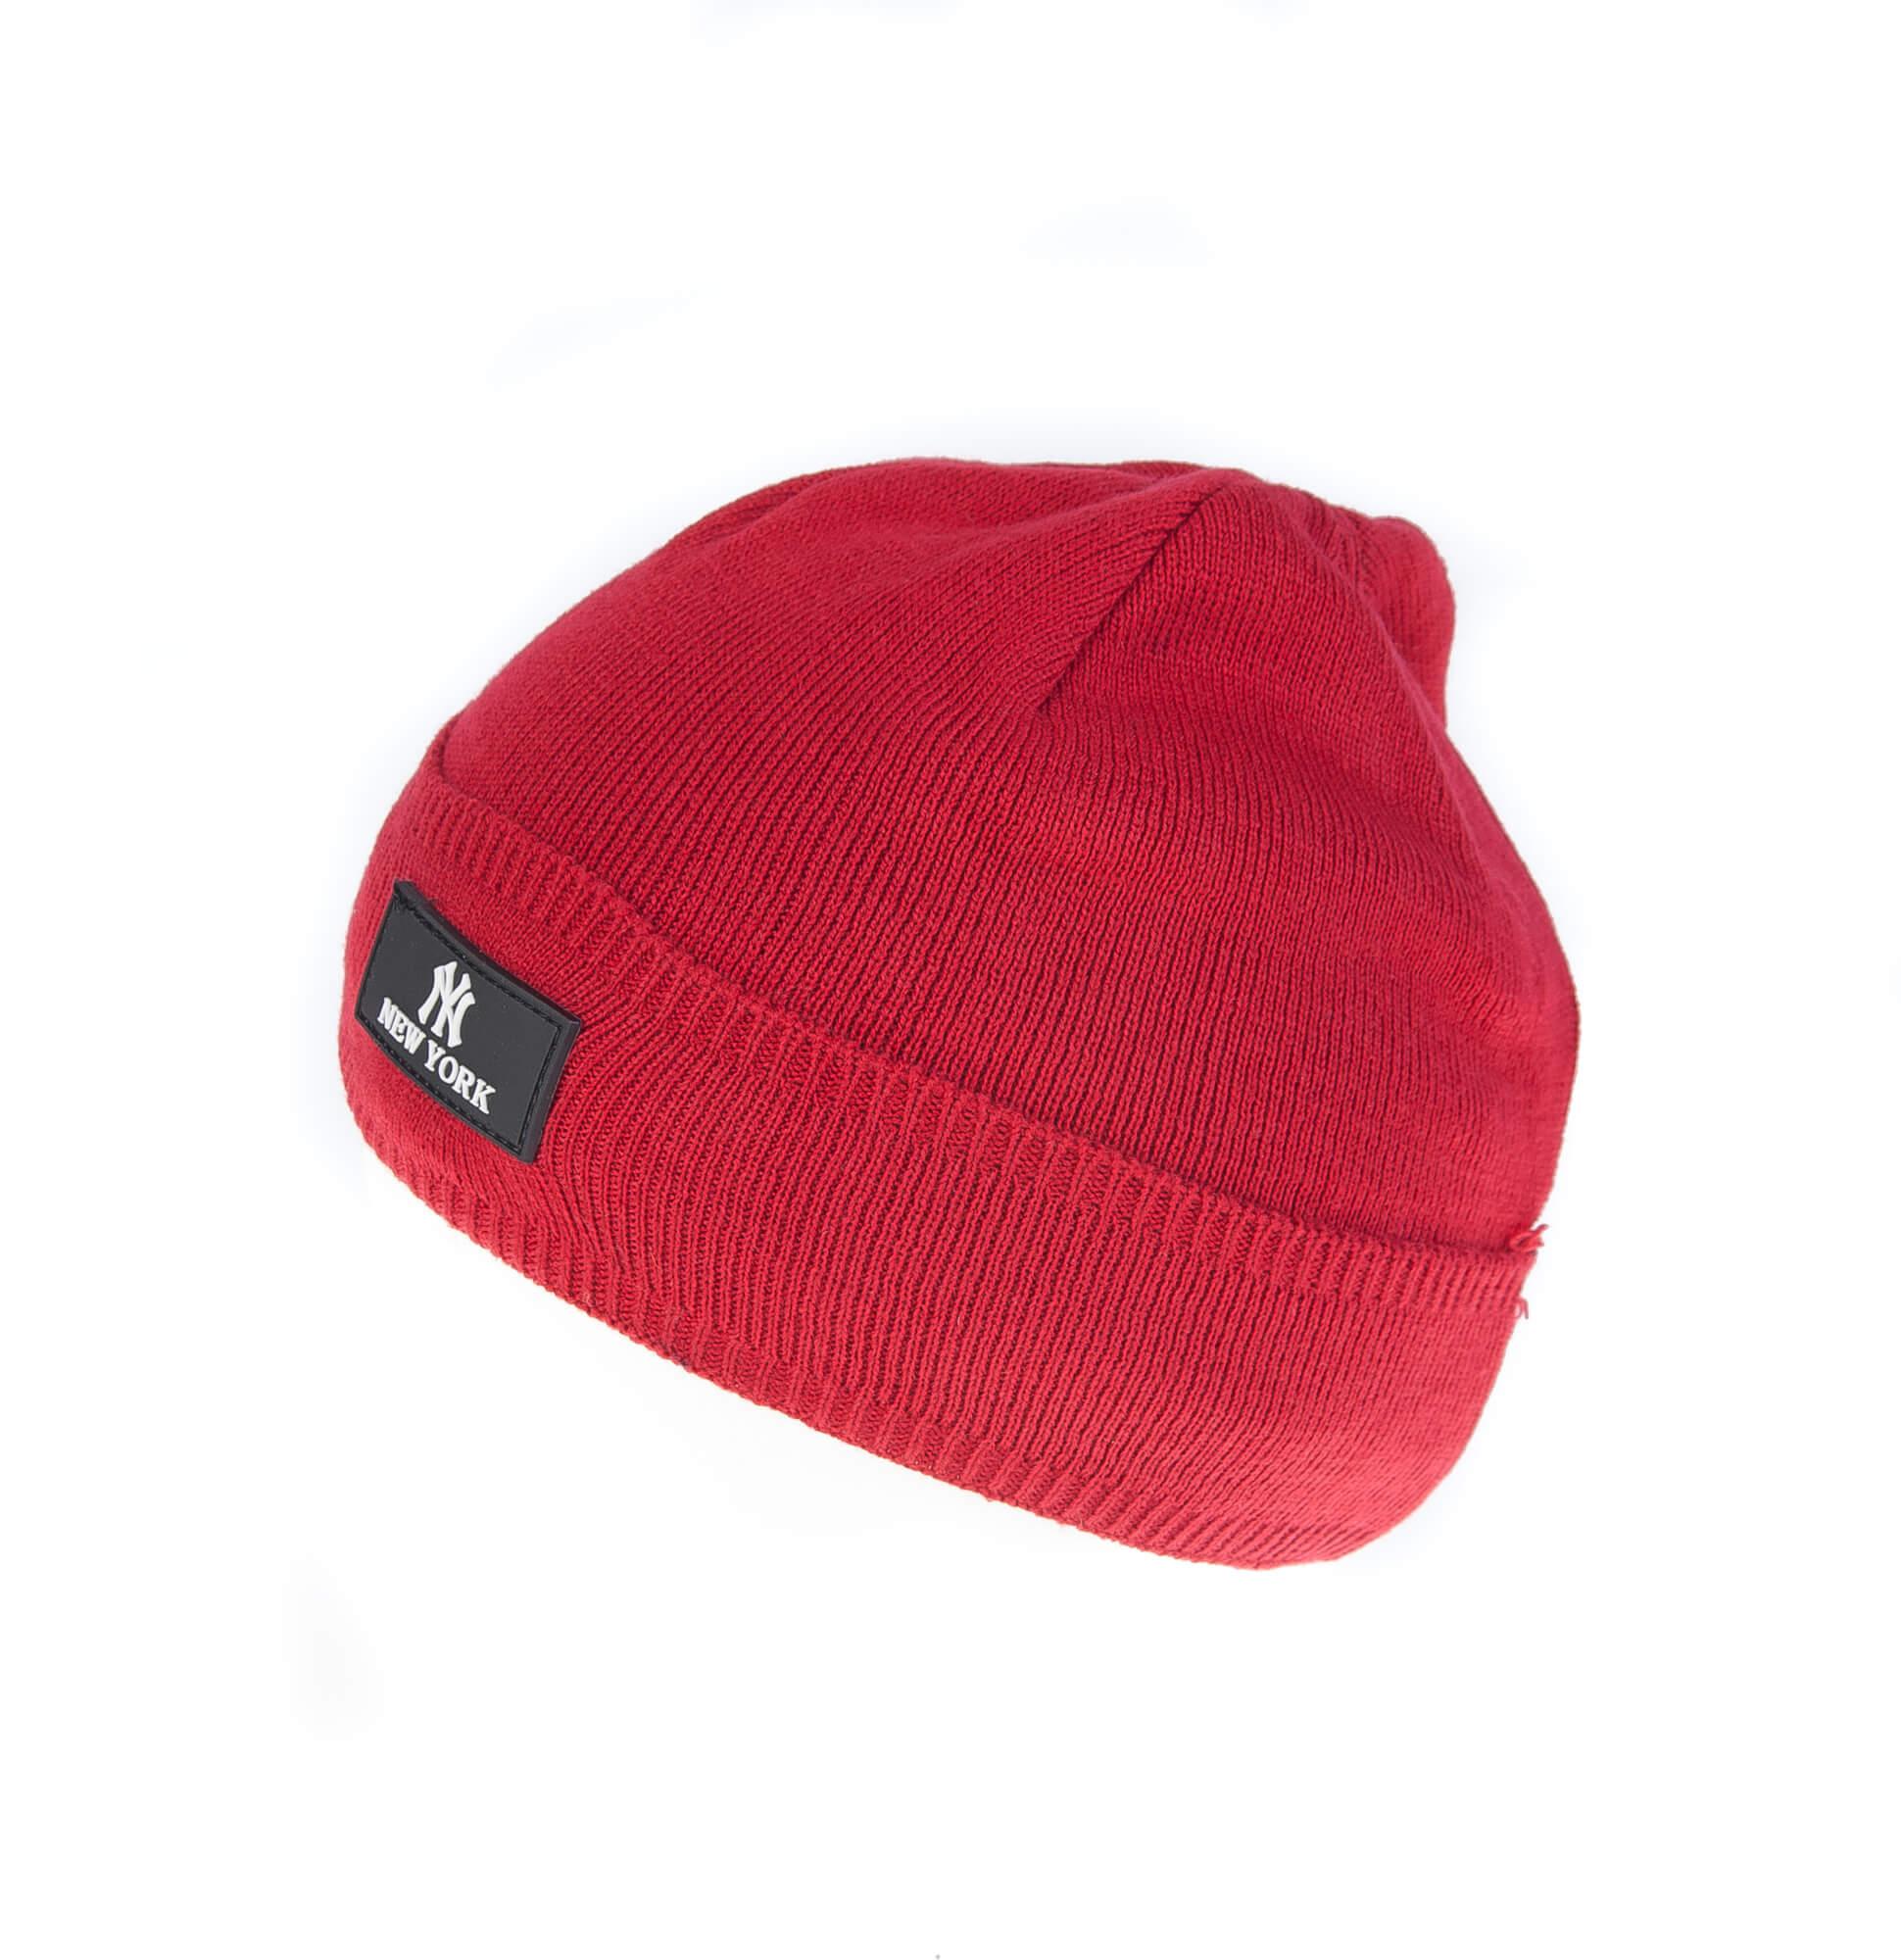 کلاه مردانه NEW YOURK کد HN1012